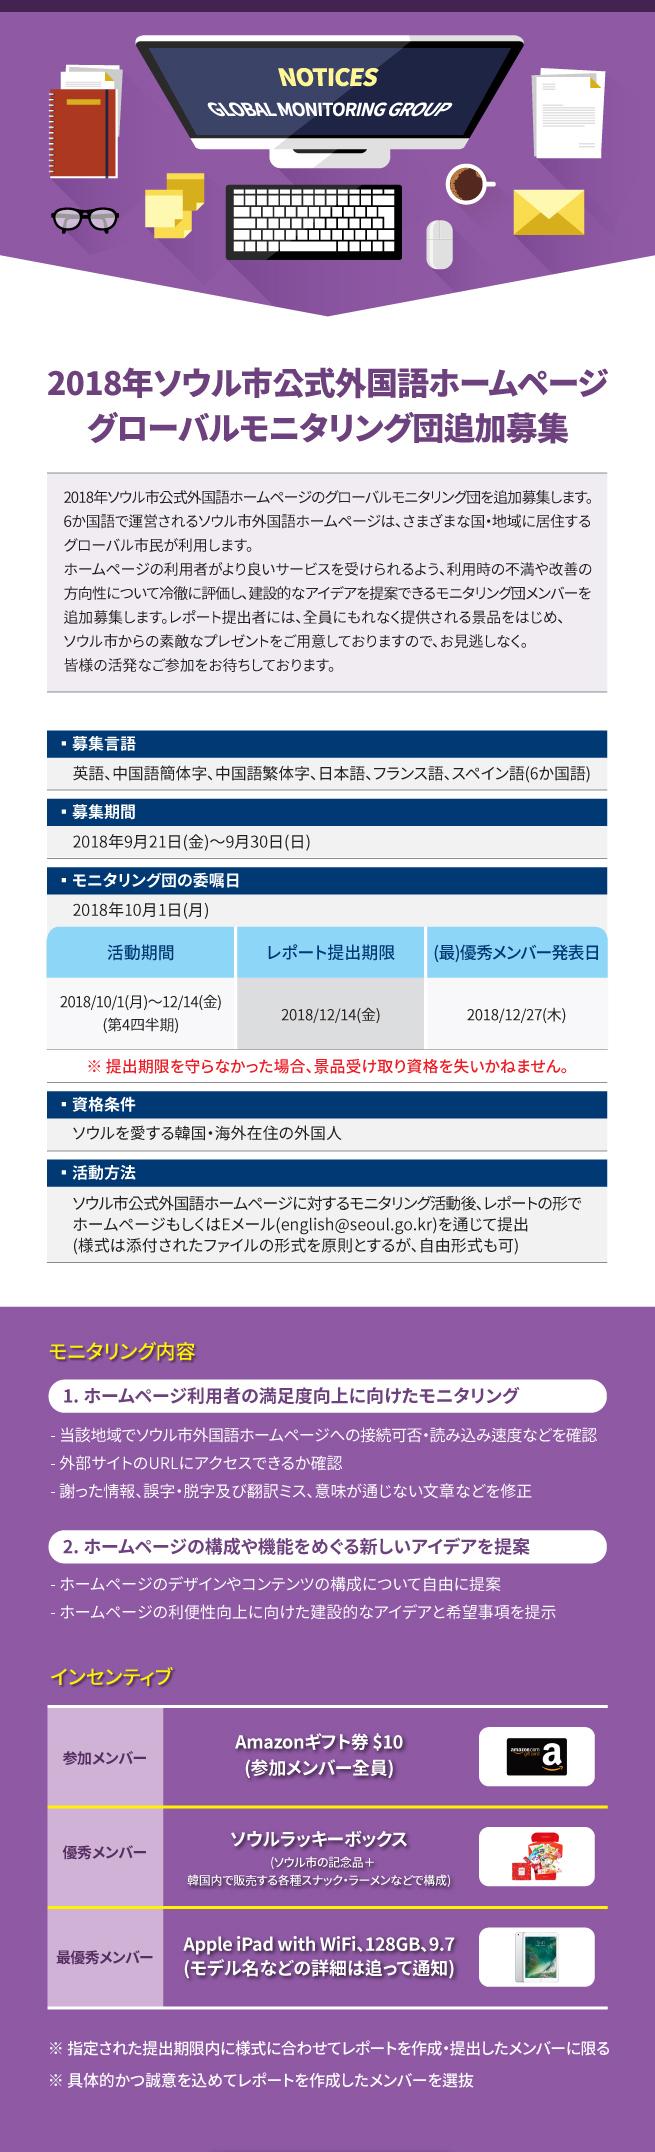 2018年ソウル市公式外国語ホームページグローバルモニタリング団追加募集  2018年ソウル市公式外国語ホームページのグローバルモニタリング団を追加募集します。 6か国語で運営されるソウル市外国語ホームページは、さまざまな国・地域に居住するグローバル市民が利用します。 ホームページの利用者がより良いサービスを受けられるよう、利用時の不満や改善の方向性について冷徹に評価し、建設的なアイデアを提案できるモニタリング団メンバーを追加募集します。 レポート提出者には、全員にもれなく提供される景品をはじめ、ソウル市からの素敵なプレゼントをご用意しておりますので、お見逃しなく。皆様の活発なご参加をお待ちしております。  * 募集言語:英語、中国語簡体字、中国語繁体字、日本語、フランス語、スペイン語(6か国語) * 募集期間:2018年9月21日(金)~9月30日(日) * モニタリング団の委嘱日:2018年10月1日(月) 活動期間レポート提出期限(最)優秀メンバー発表日 2018/10/1(月) ~12/14(金) (第4四半期)2018/12/14(金)2018/12/27(木) (※ 提出期限を守らなかった場合、景品受け取り資格を失いかねません。)  * 資格条件:ソウルを愛する韓国・海外在住の外国人 * 活動方法:ソウル市公式外国語ホームページに対するモニタリング活動後、レポートの形でホームページもしくはEメール(english@seoul.go.kr)を通じて提出 (様式は添付されたファイルの形式を原則とするが、自由形式も可)  モニタリング内容 1. ホームページ利用者の満足度向上に向けたモニタリング - 当該地域でソウル市外国語ホームページへの接続可否・読み込み速度などを確認 - 外部サイトのURLにアクセスできるか確認 - 謝った情報、誤字・脱字及び翻訳ミス、意味が通じない文章などを修正  2. ホームページの構成や機能をめぐる新しいアイデアを提案 - ホームページのデザインやコンテンツの構成について自由に提案 - ホームページの利便性向上に向けた建設的なアイデアと希望事項を提示      インセンティブ 参加メンバーAmazonギフト券 $10 (参加メンバー全員) 優秀メンバーソウルラッキーボックス (ソウル市の記念品+韓国内で販売する各種スナック・ラーメンなどで構成) 最優秀メンバーApple iPad with WiFi、128GB、9.7 (モデル名などの詳細は追って通知)  ※ 指定された提出期限内に様式に合わせてレポートを作成・提出したメンバーに限る ※ 具体的かつ誠意を込めてレポートを作成したメンバーを選抜